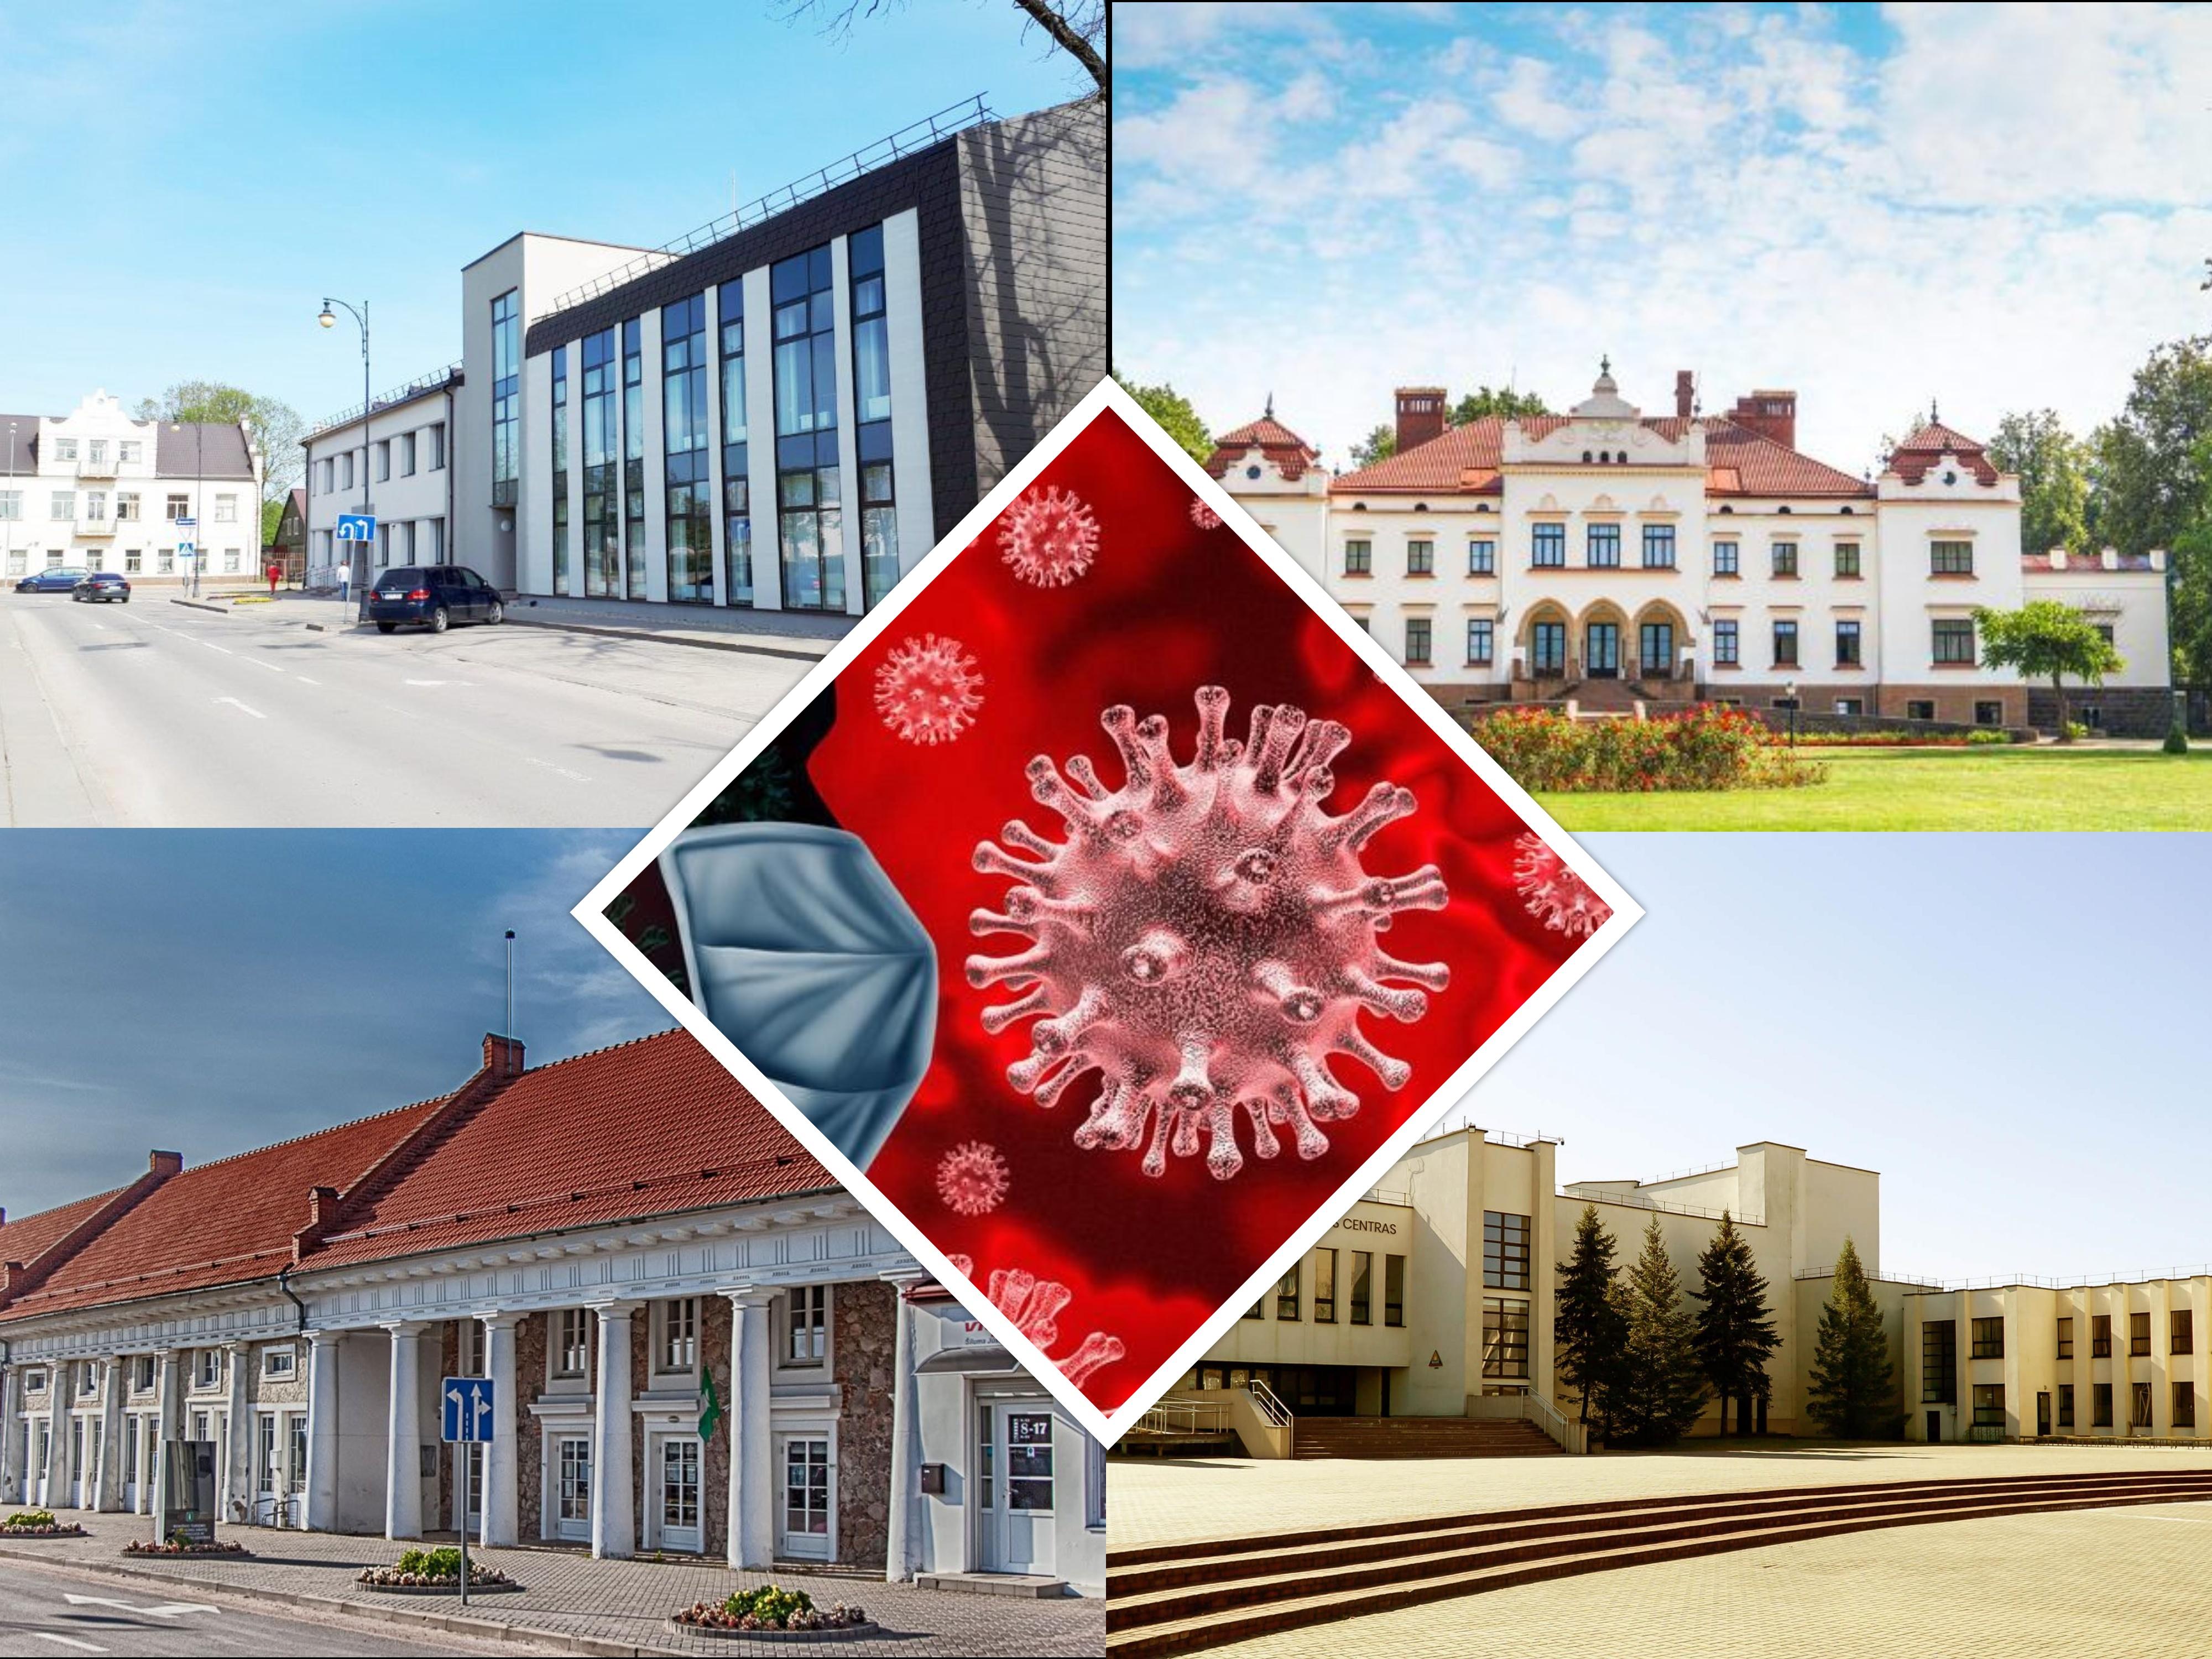 Nuo balandžio 28 d. Rokiškio rajono savivaldybės gyventojai ir svečiai galės lankyti Rokiškio kašto muziejaus ekspozicijas ir pasinaudoti Rokiškio rajono savivaldybės J. Keliuočio viešosios bibliotekos knygų išdavimo paslauga